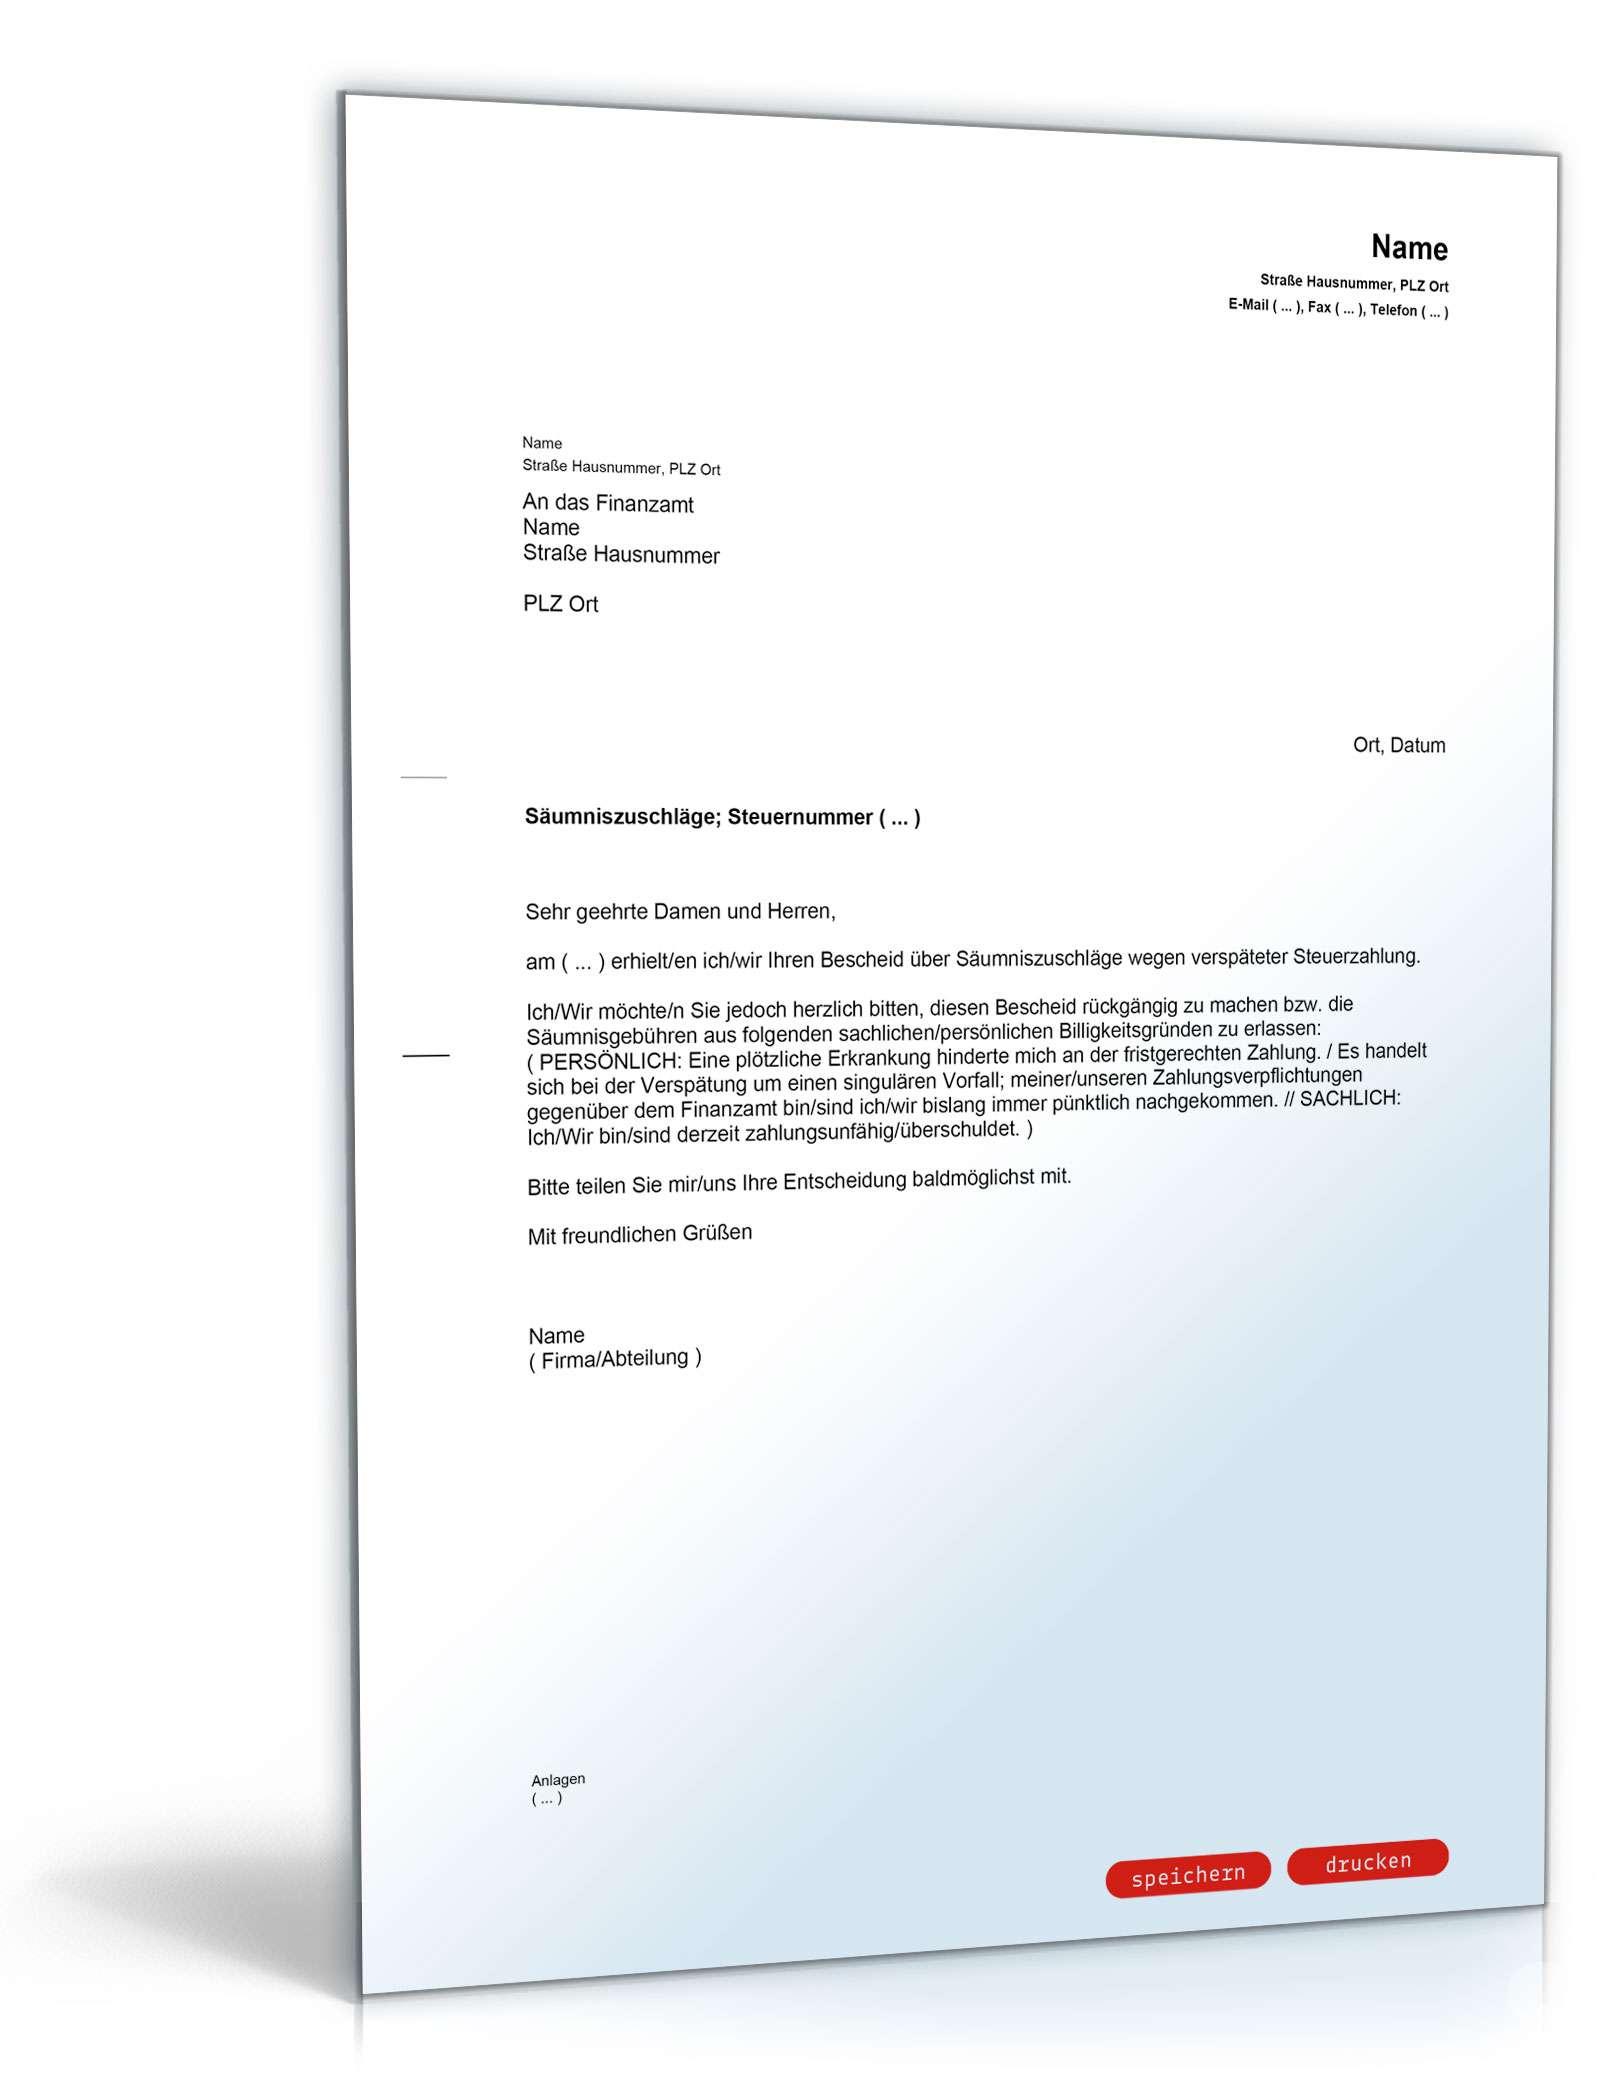 Einspruch gegen Säumniszuschlag - Muster-Vorlage zum Download